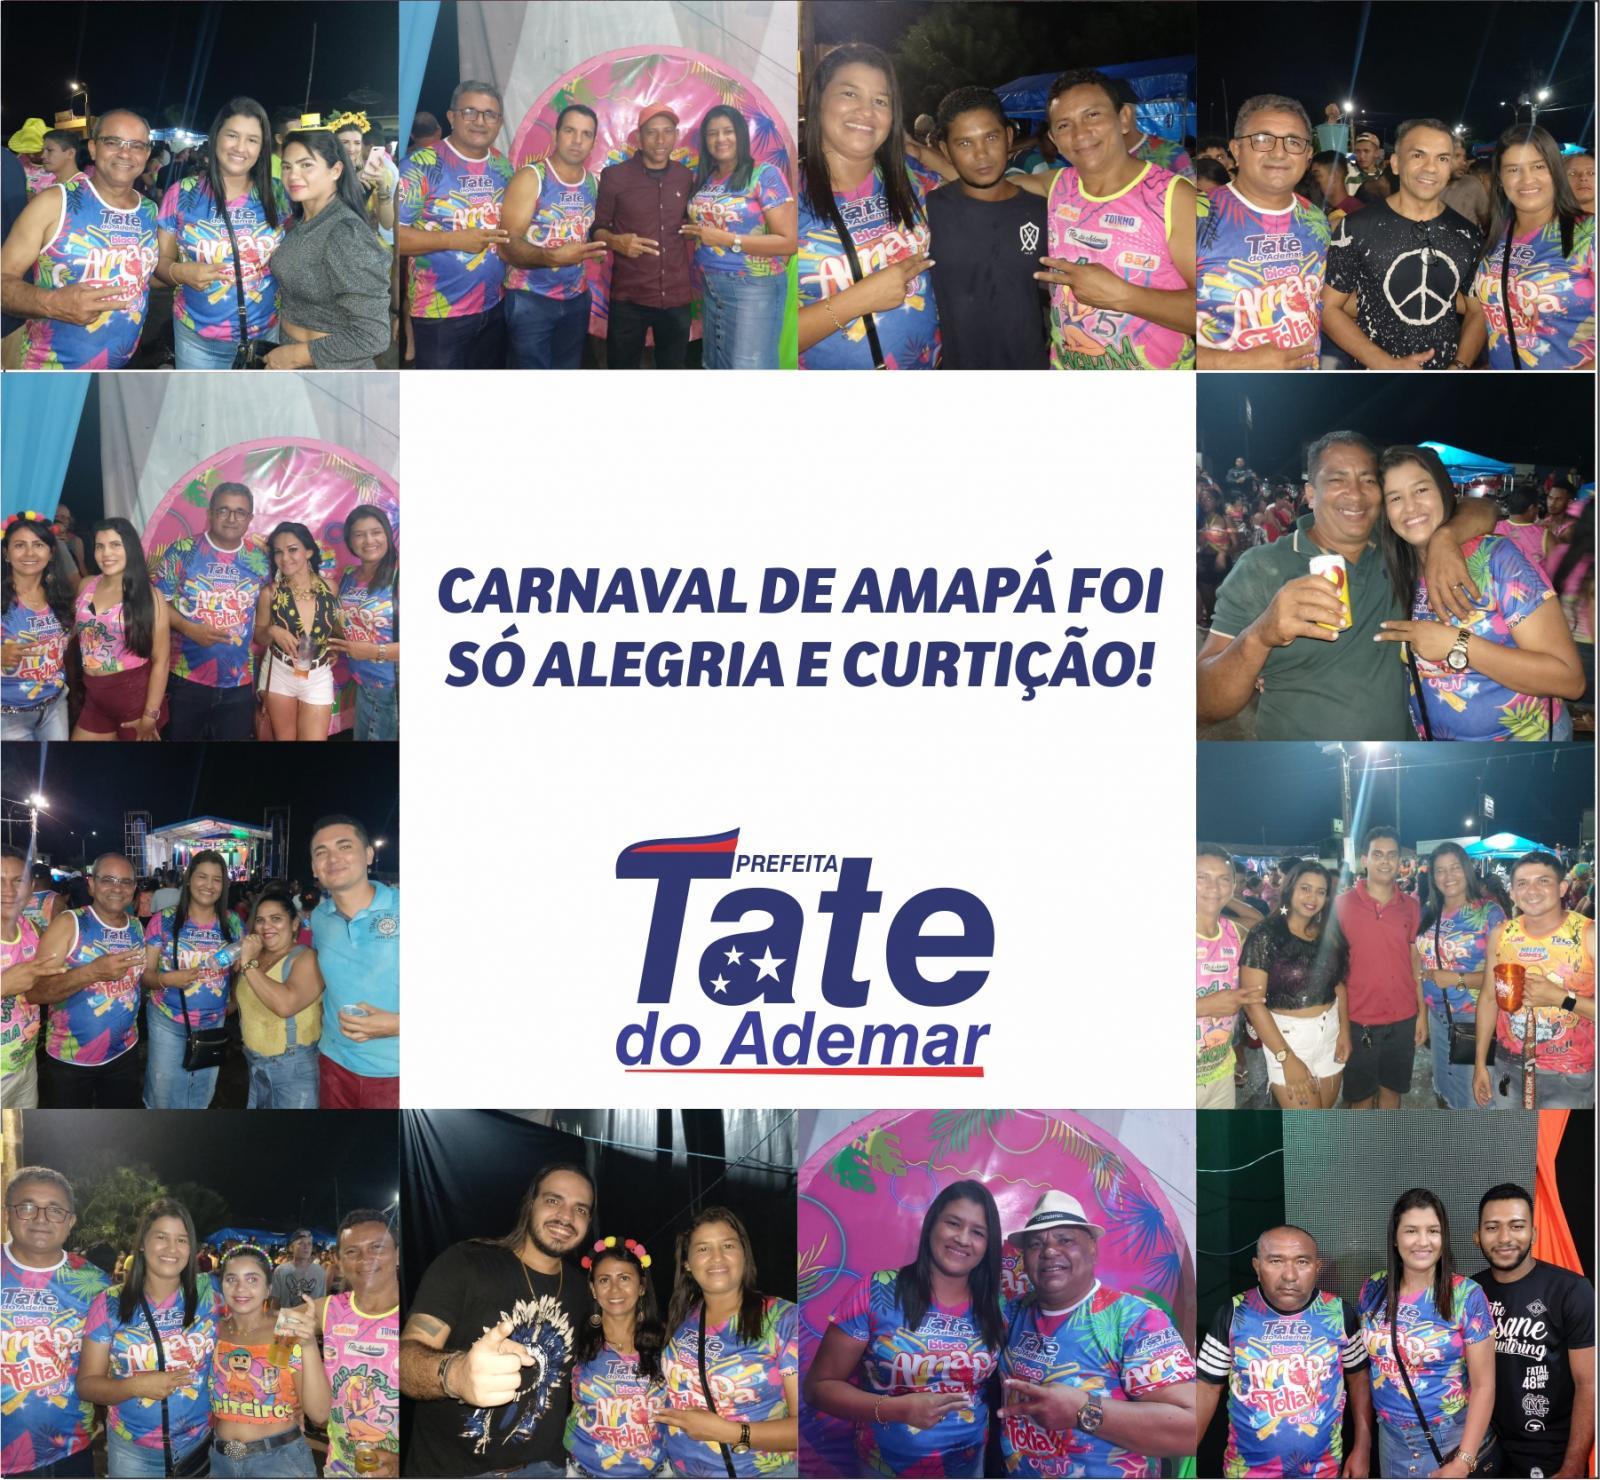 Carinho dos foliões com a prefeita de Amapá do Maranhão é resultado de boa gestão